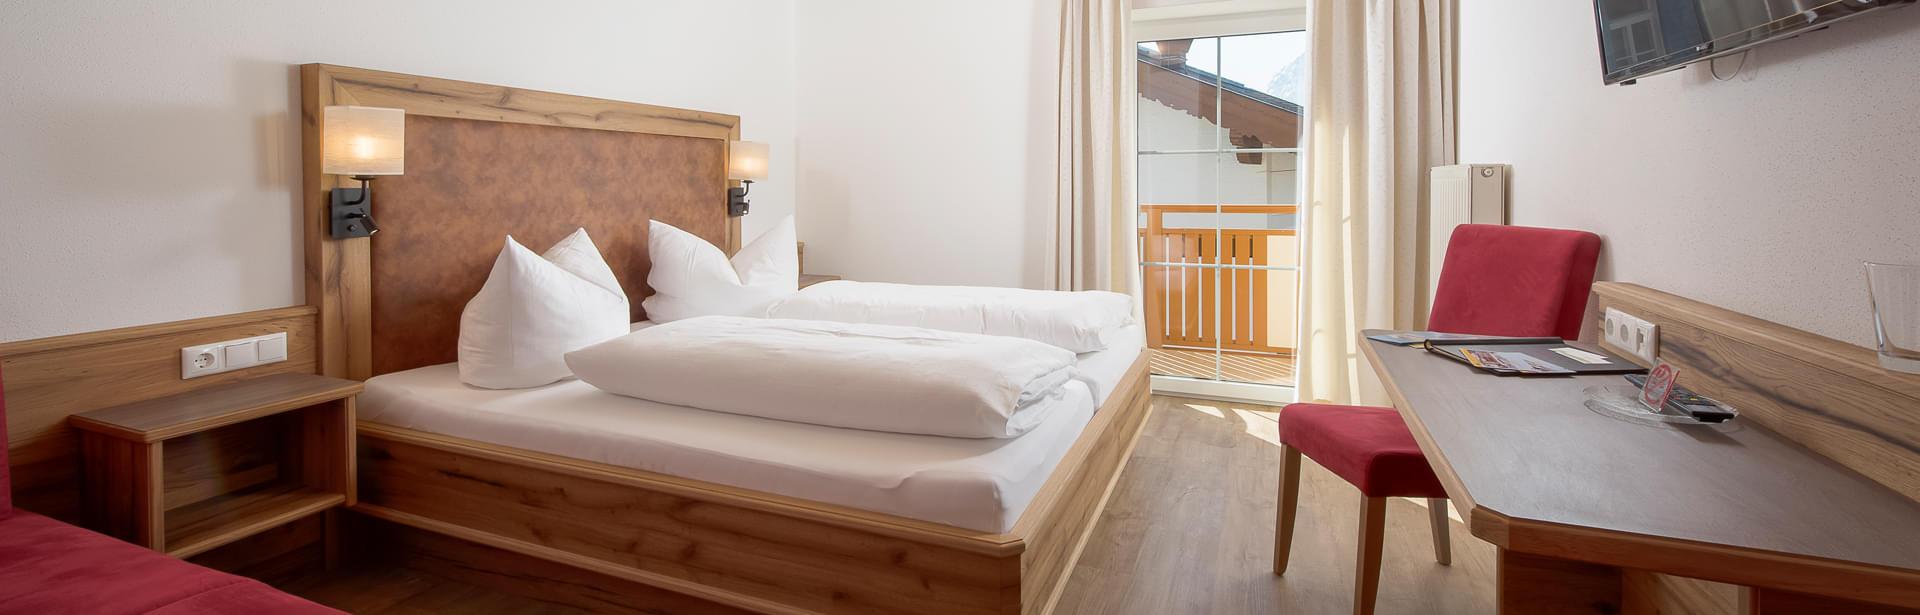 zimmer tirol. Black Bedroom Furniture Sets. Home Design Ideas